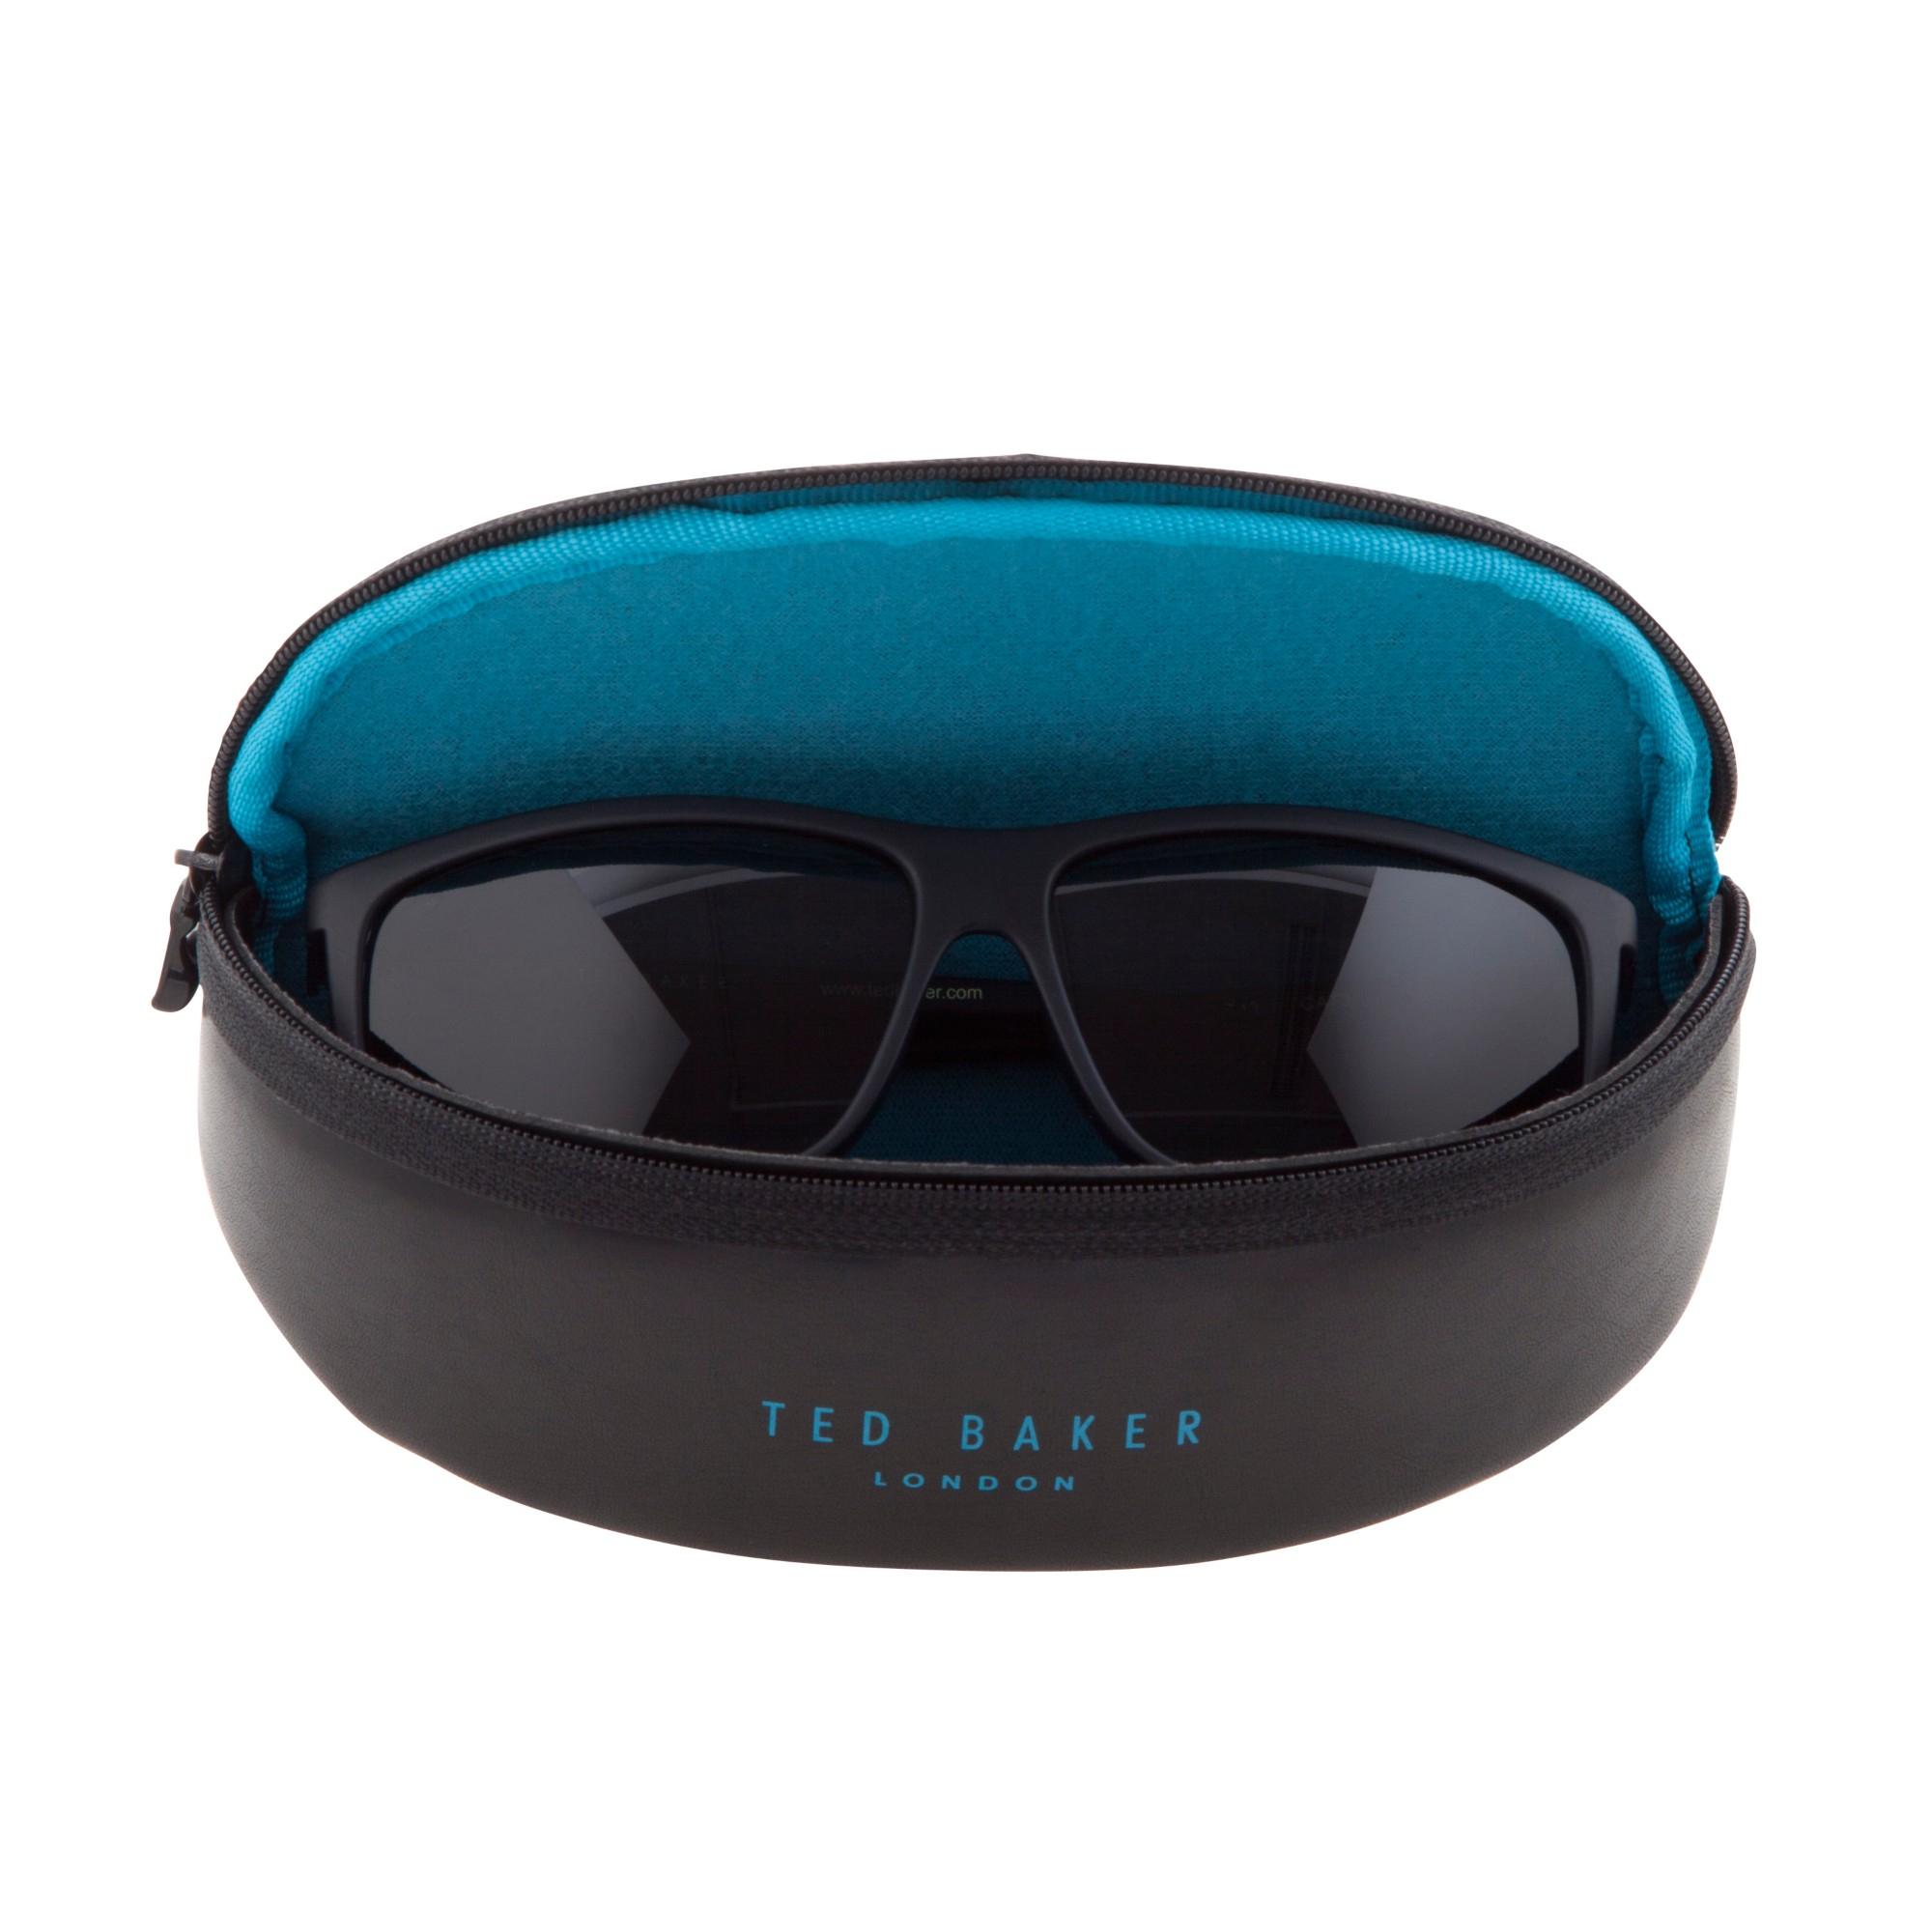 45bba87be Ted Baker Tb1301 Rectangular Framed Sunglasses in Blue - Lyst